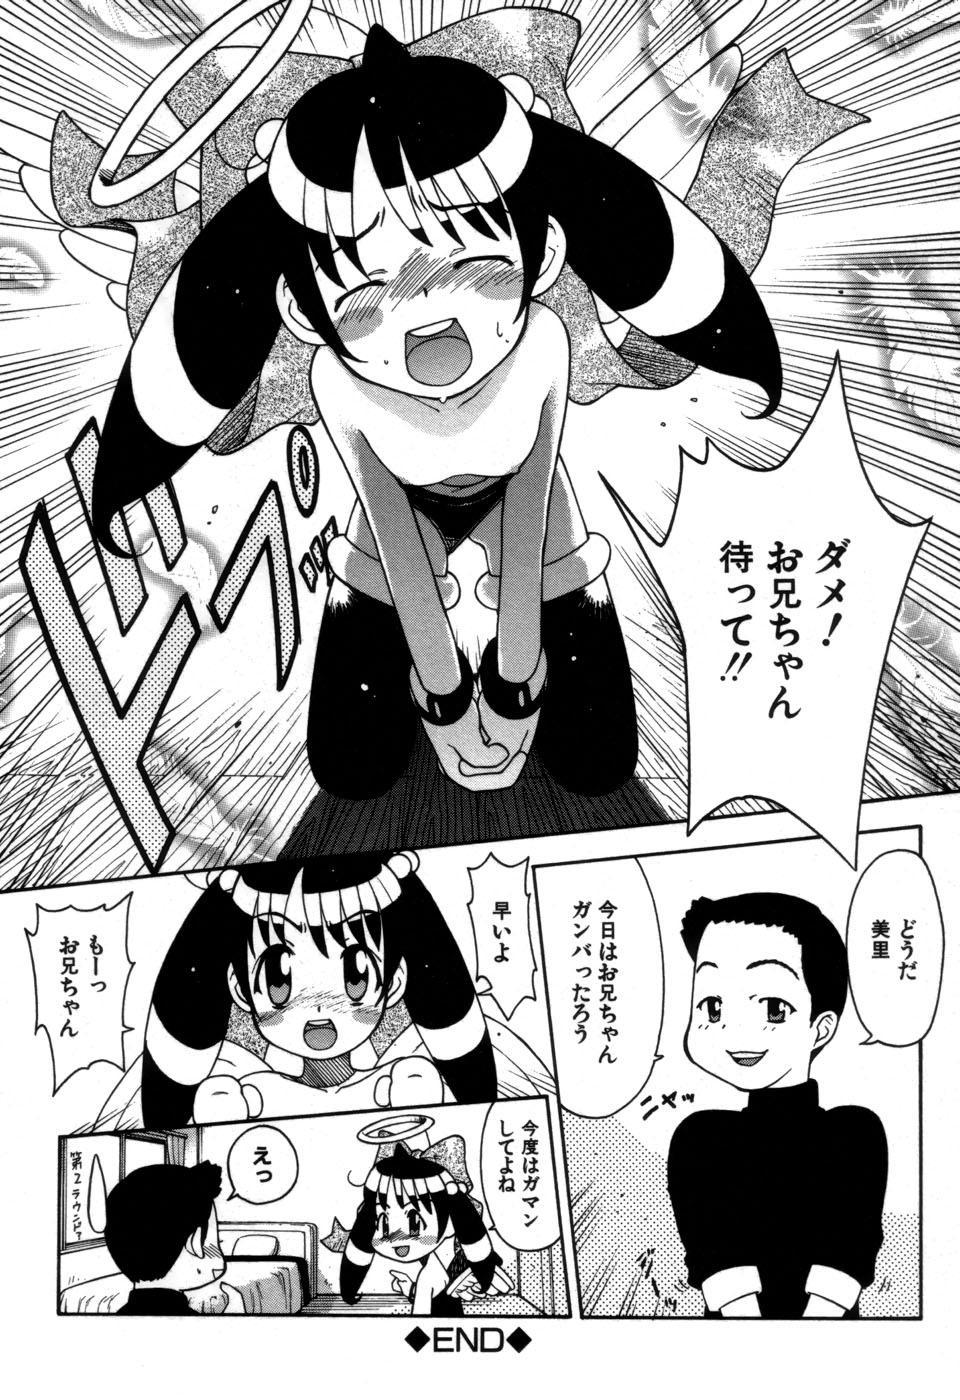 Imouto no Hiasobi 65